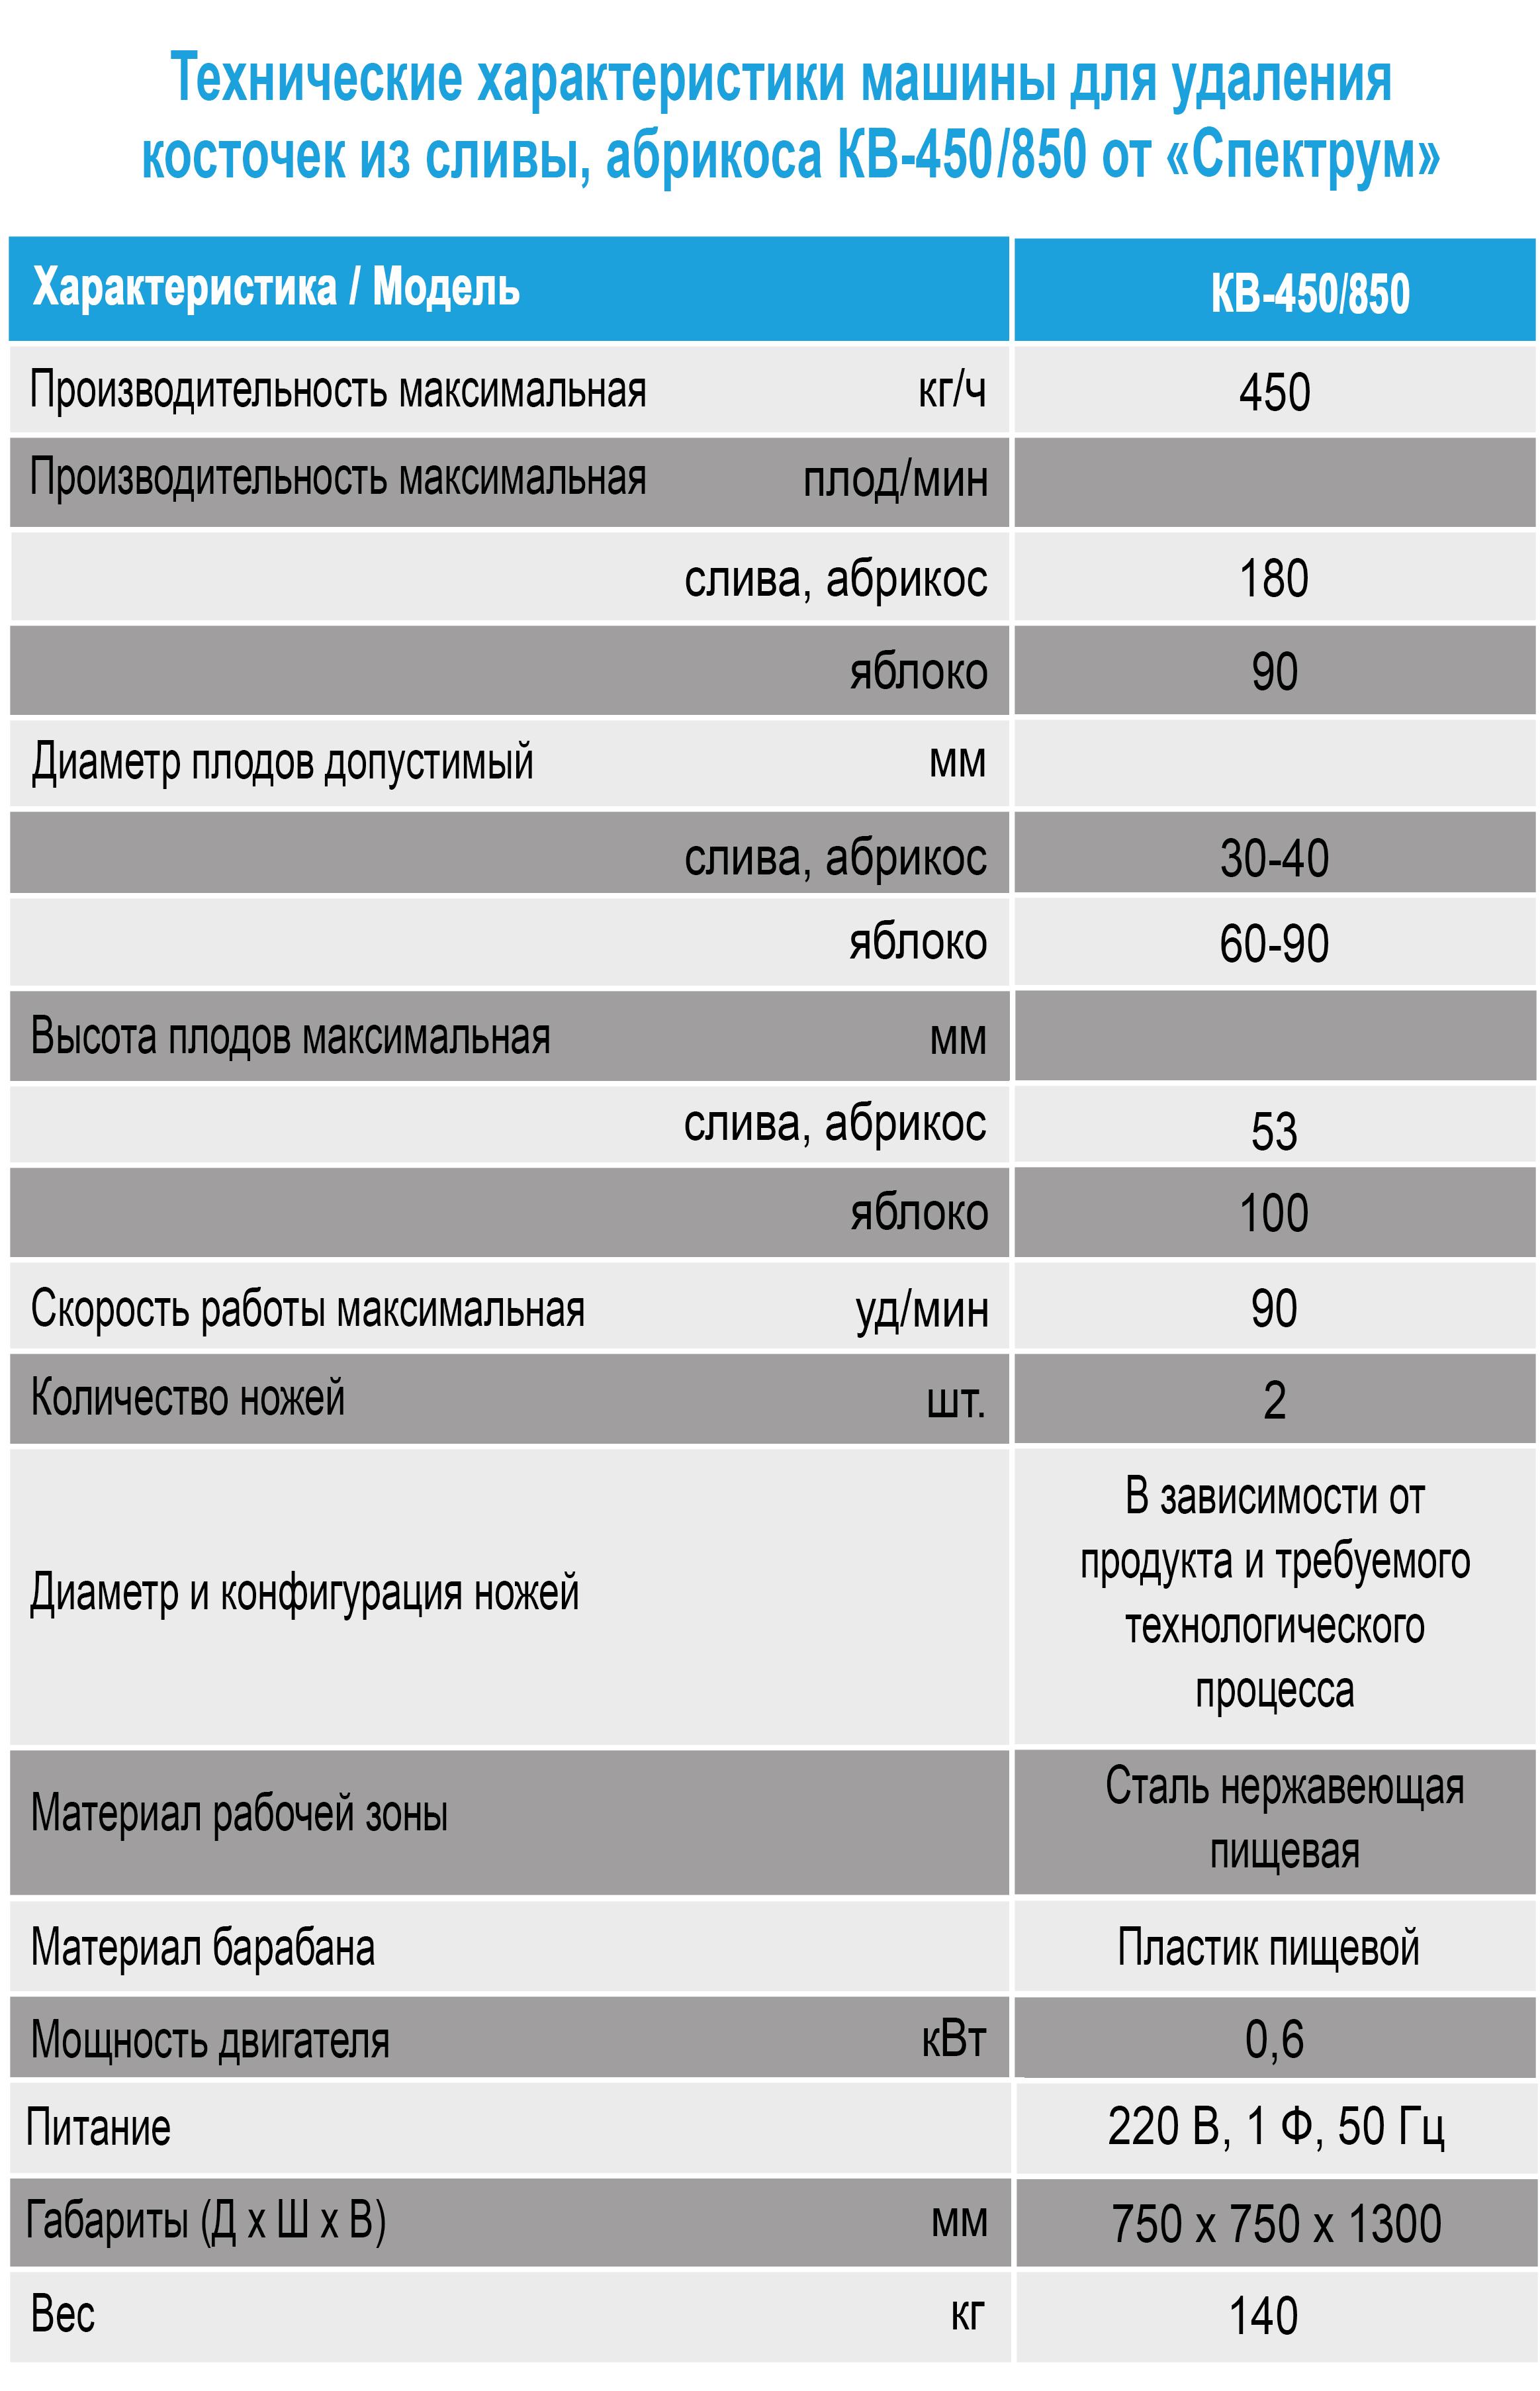 Tekhnicheskie kharakteristiki KV-450 i KV-850 ot Spektrum v Kharkove